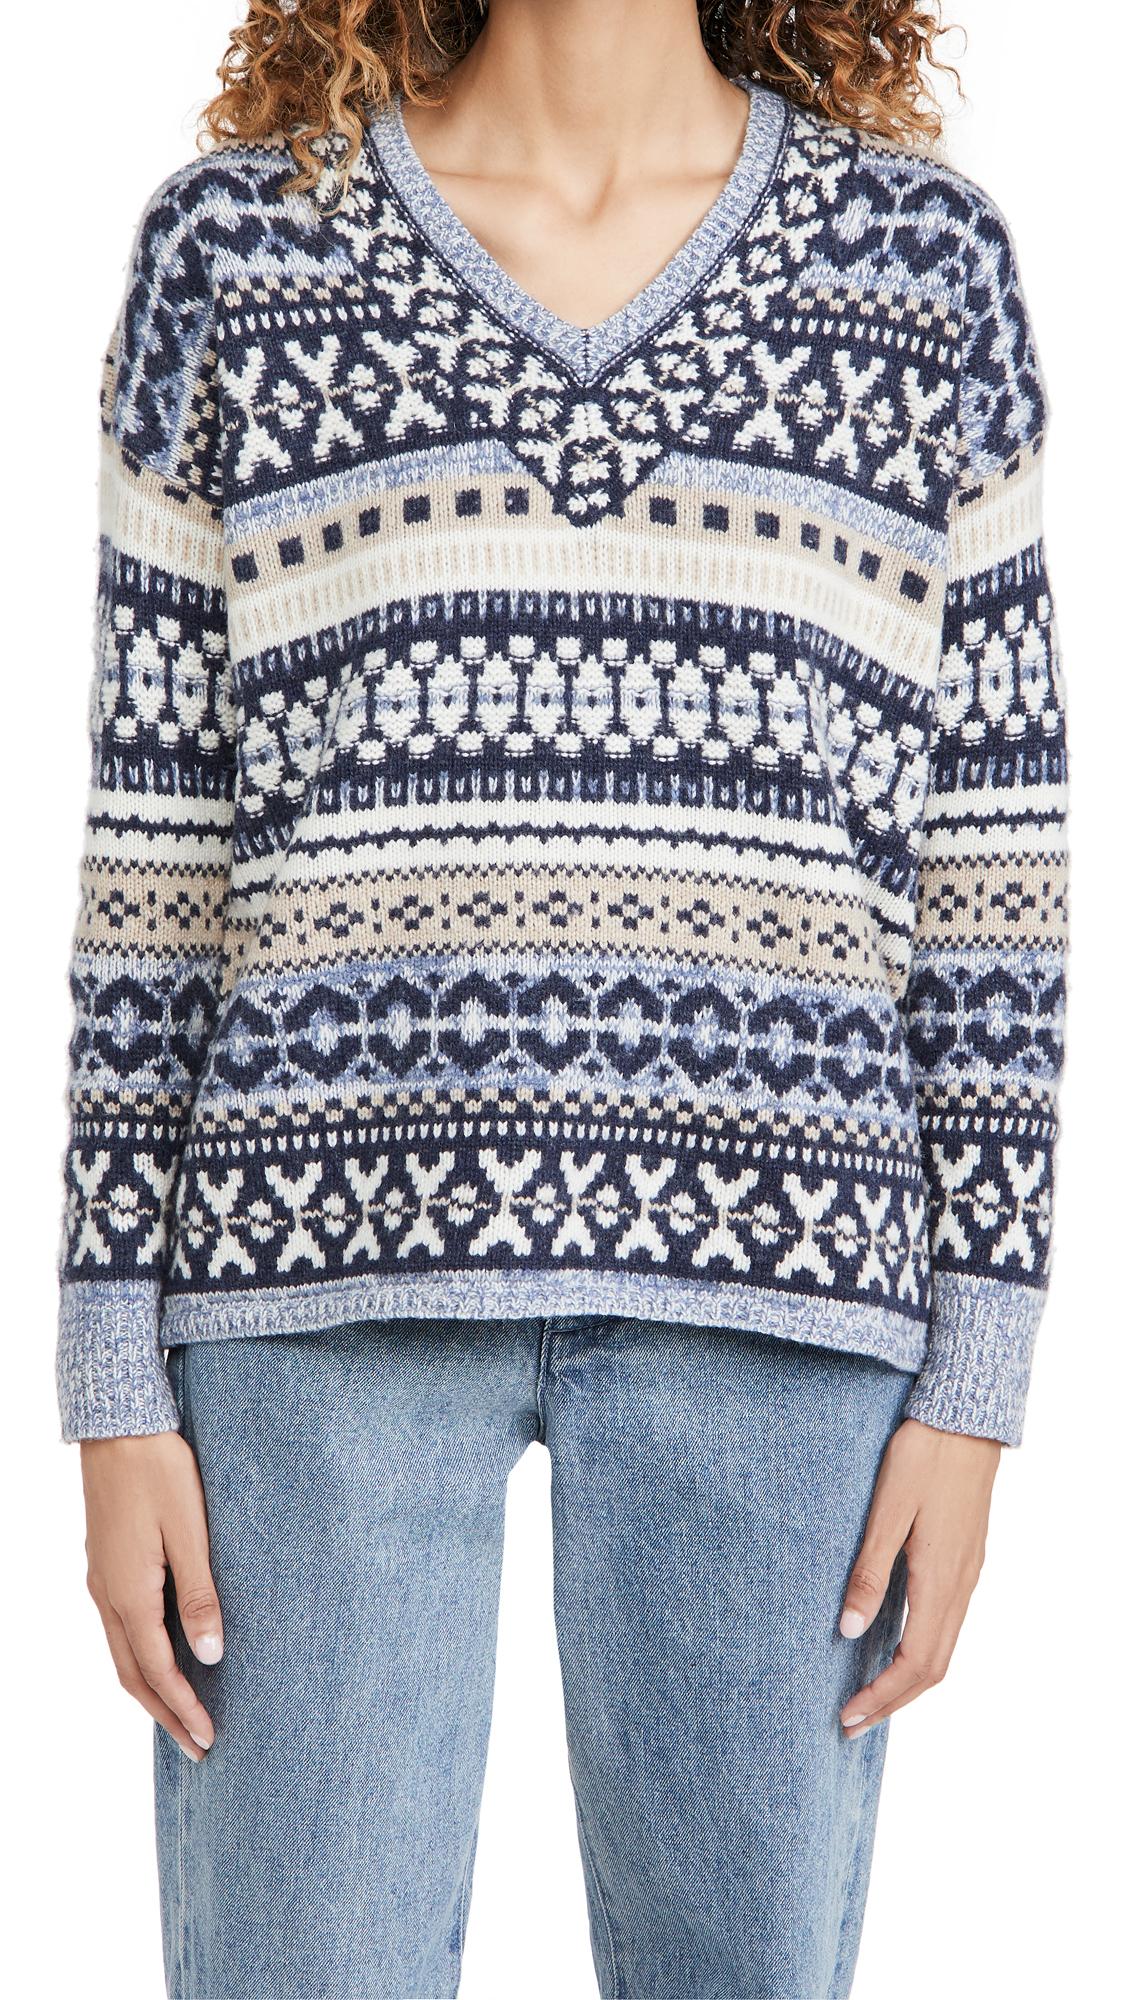 Madewell Fair Isle Dancer V Neck Pullover